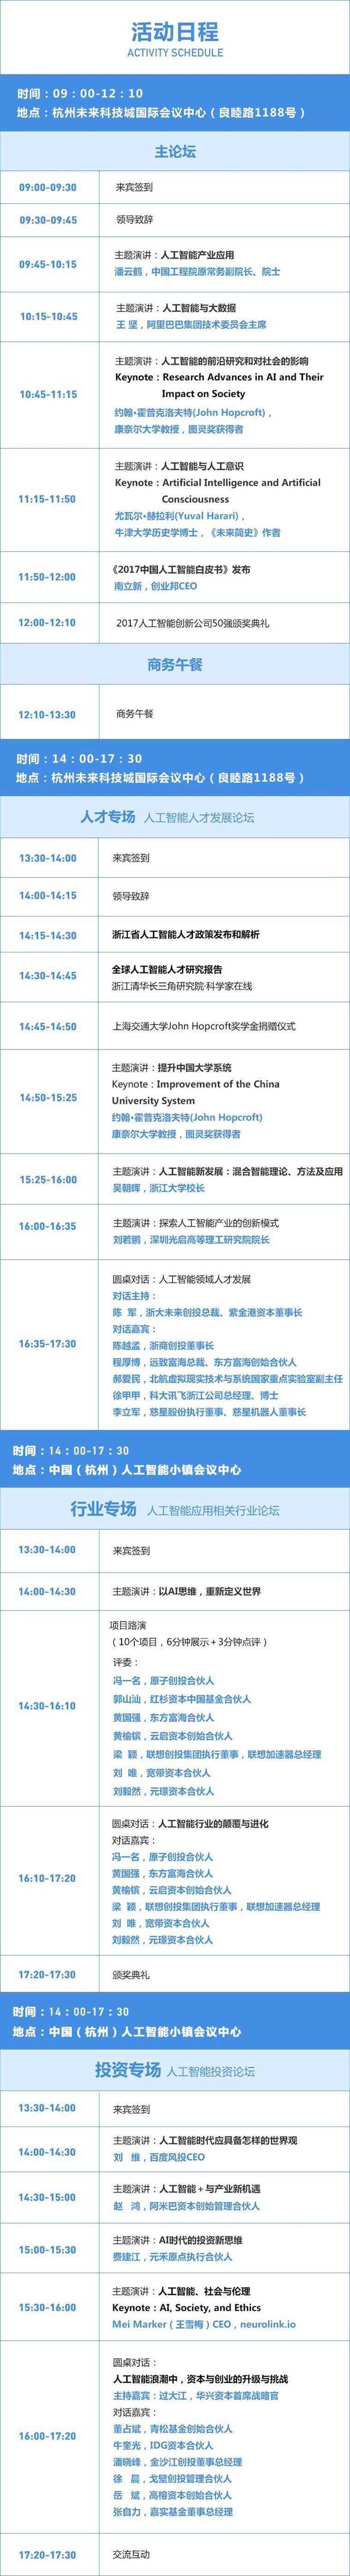 杭州未来科技城活动行设计-活动日程(1).jpg